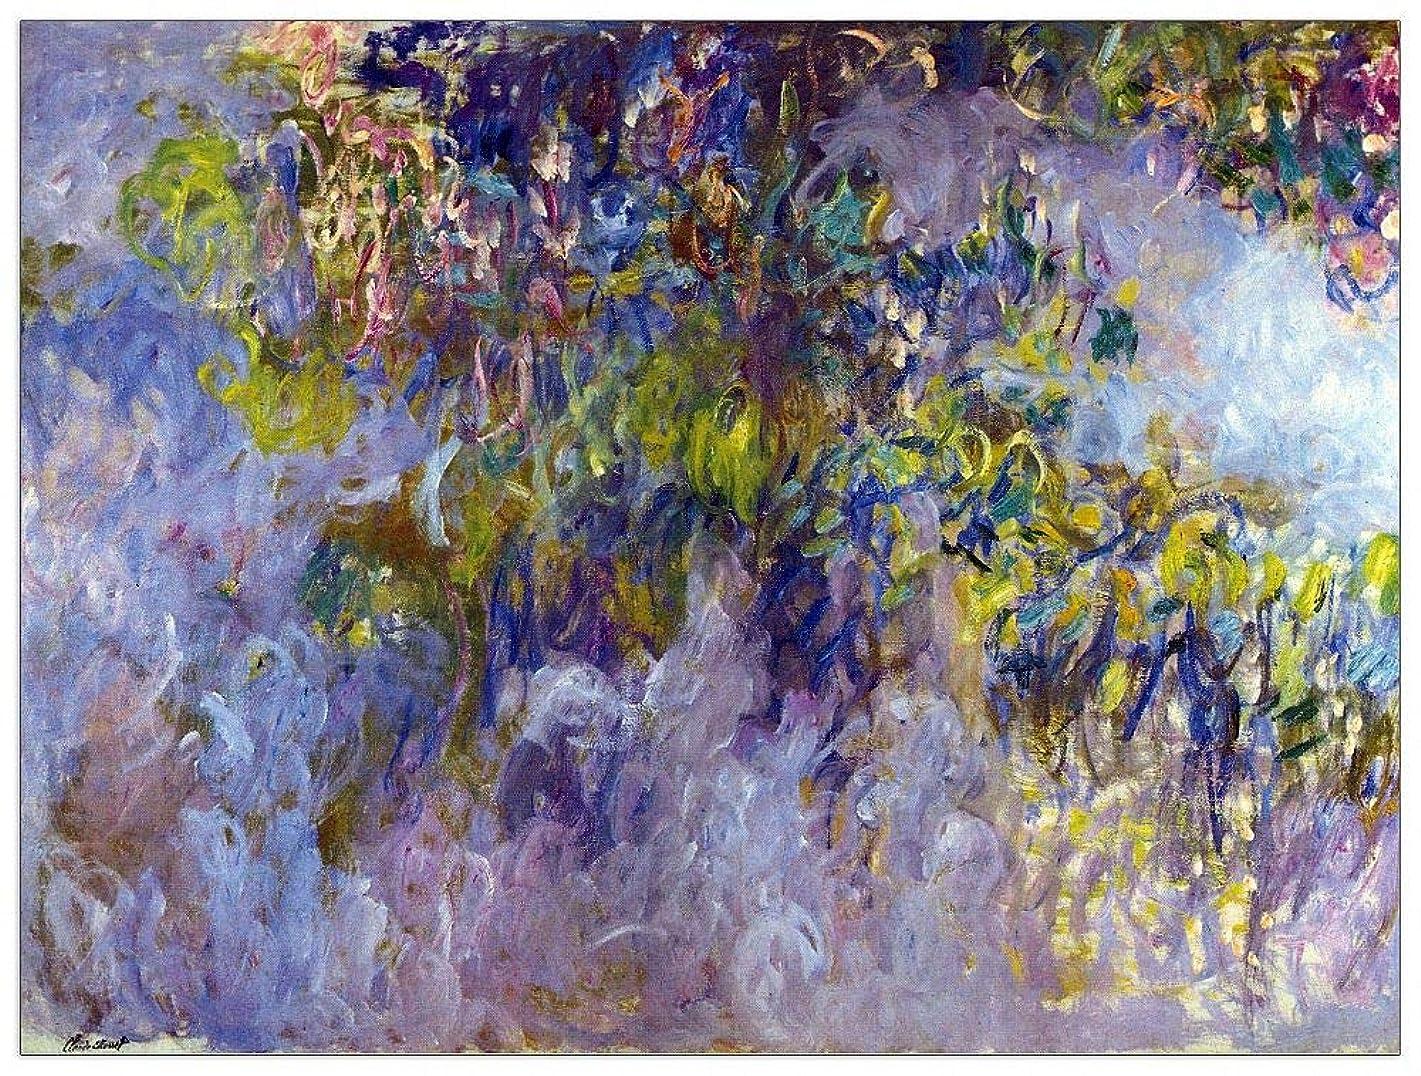 ArtPlaza TW92070 Monet Claude - Wisteria I Decorative Panel 35.5x27.5 Inch Multicolored